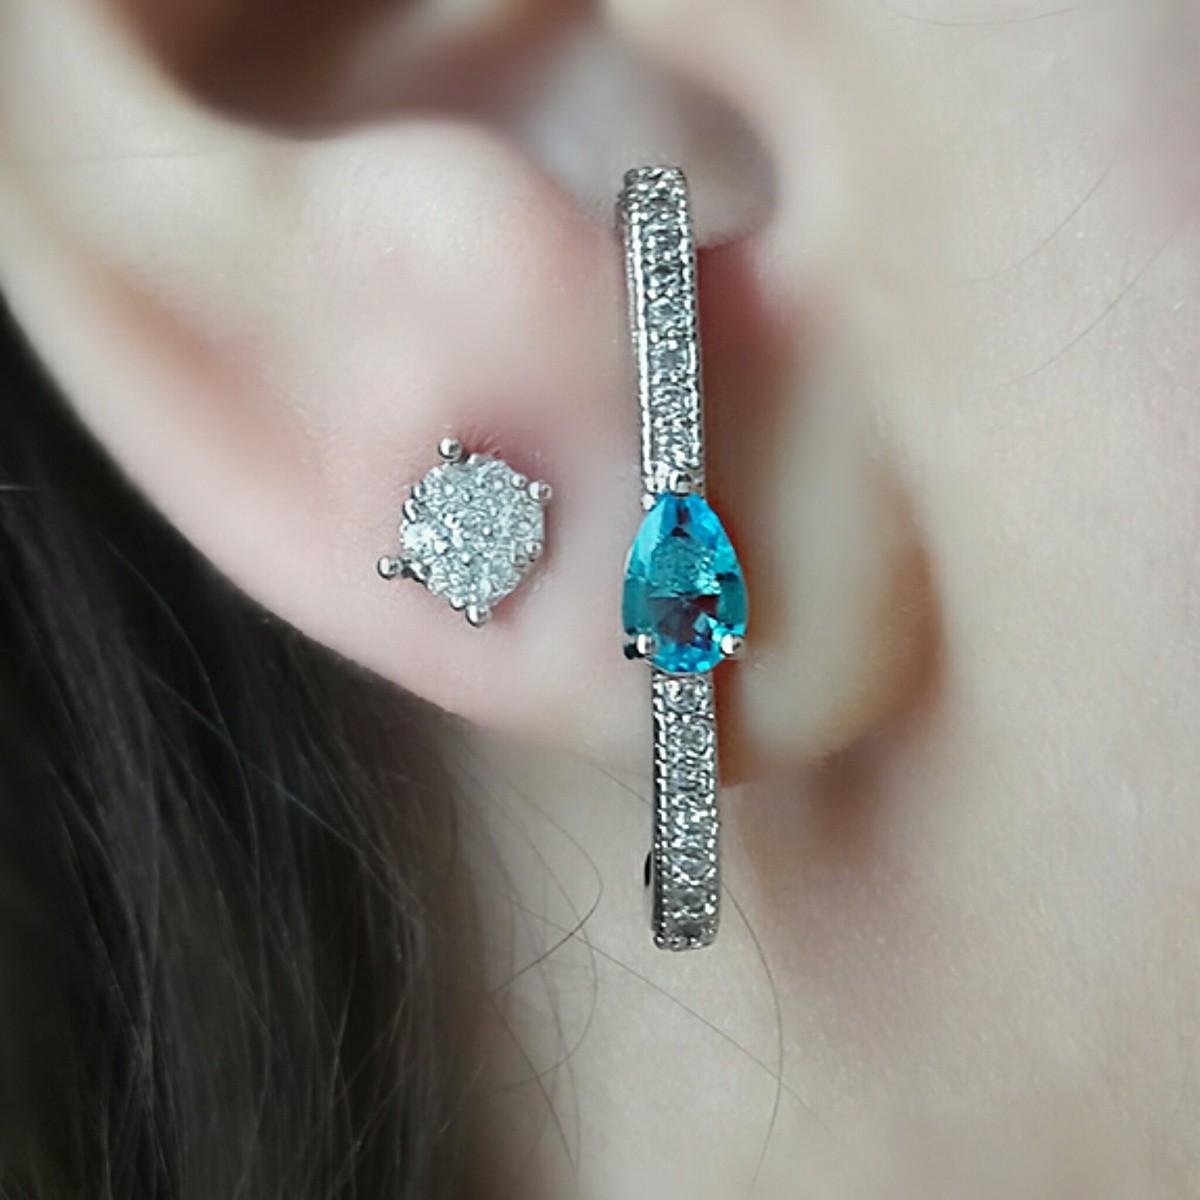 Ear Hook Prata Gotinha com Zircônias Água Marinha e Branca Semijoia em Ródio Branco  - Soloyou